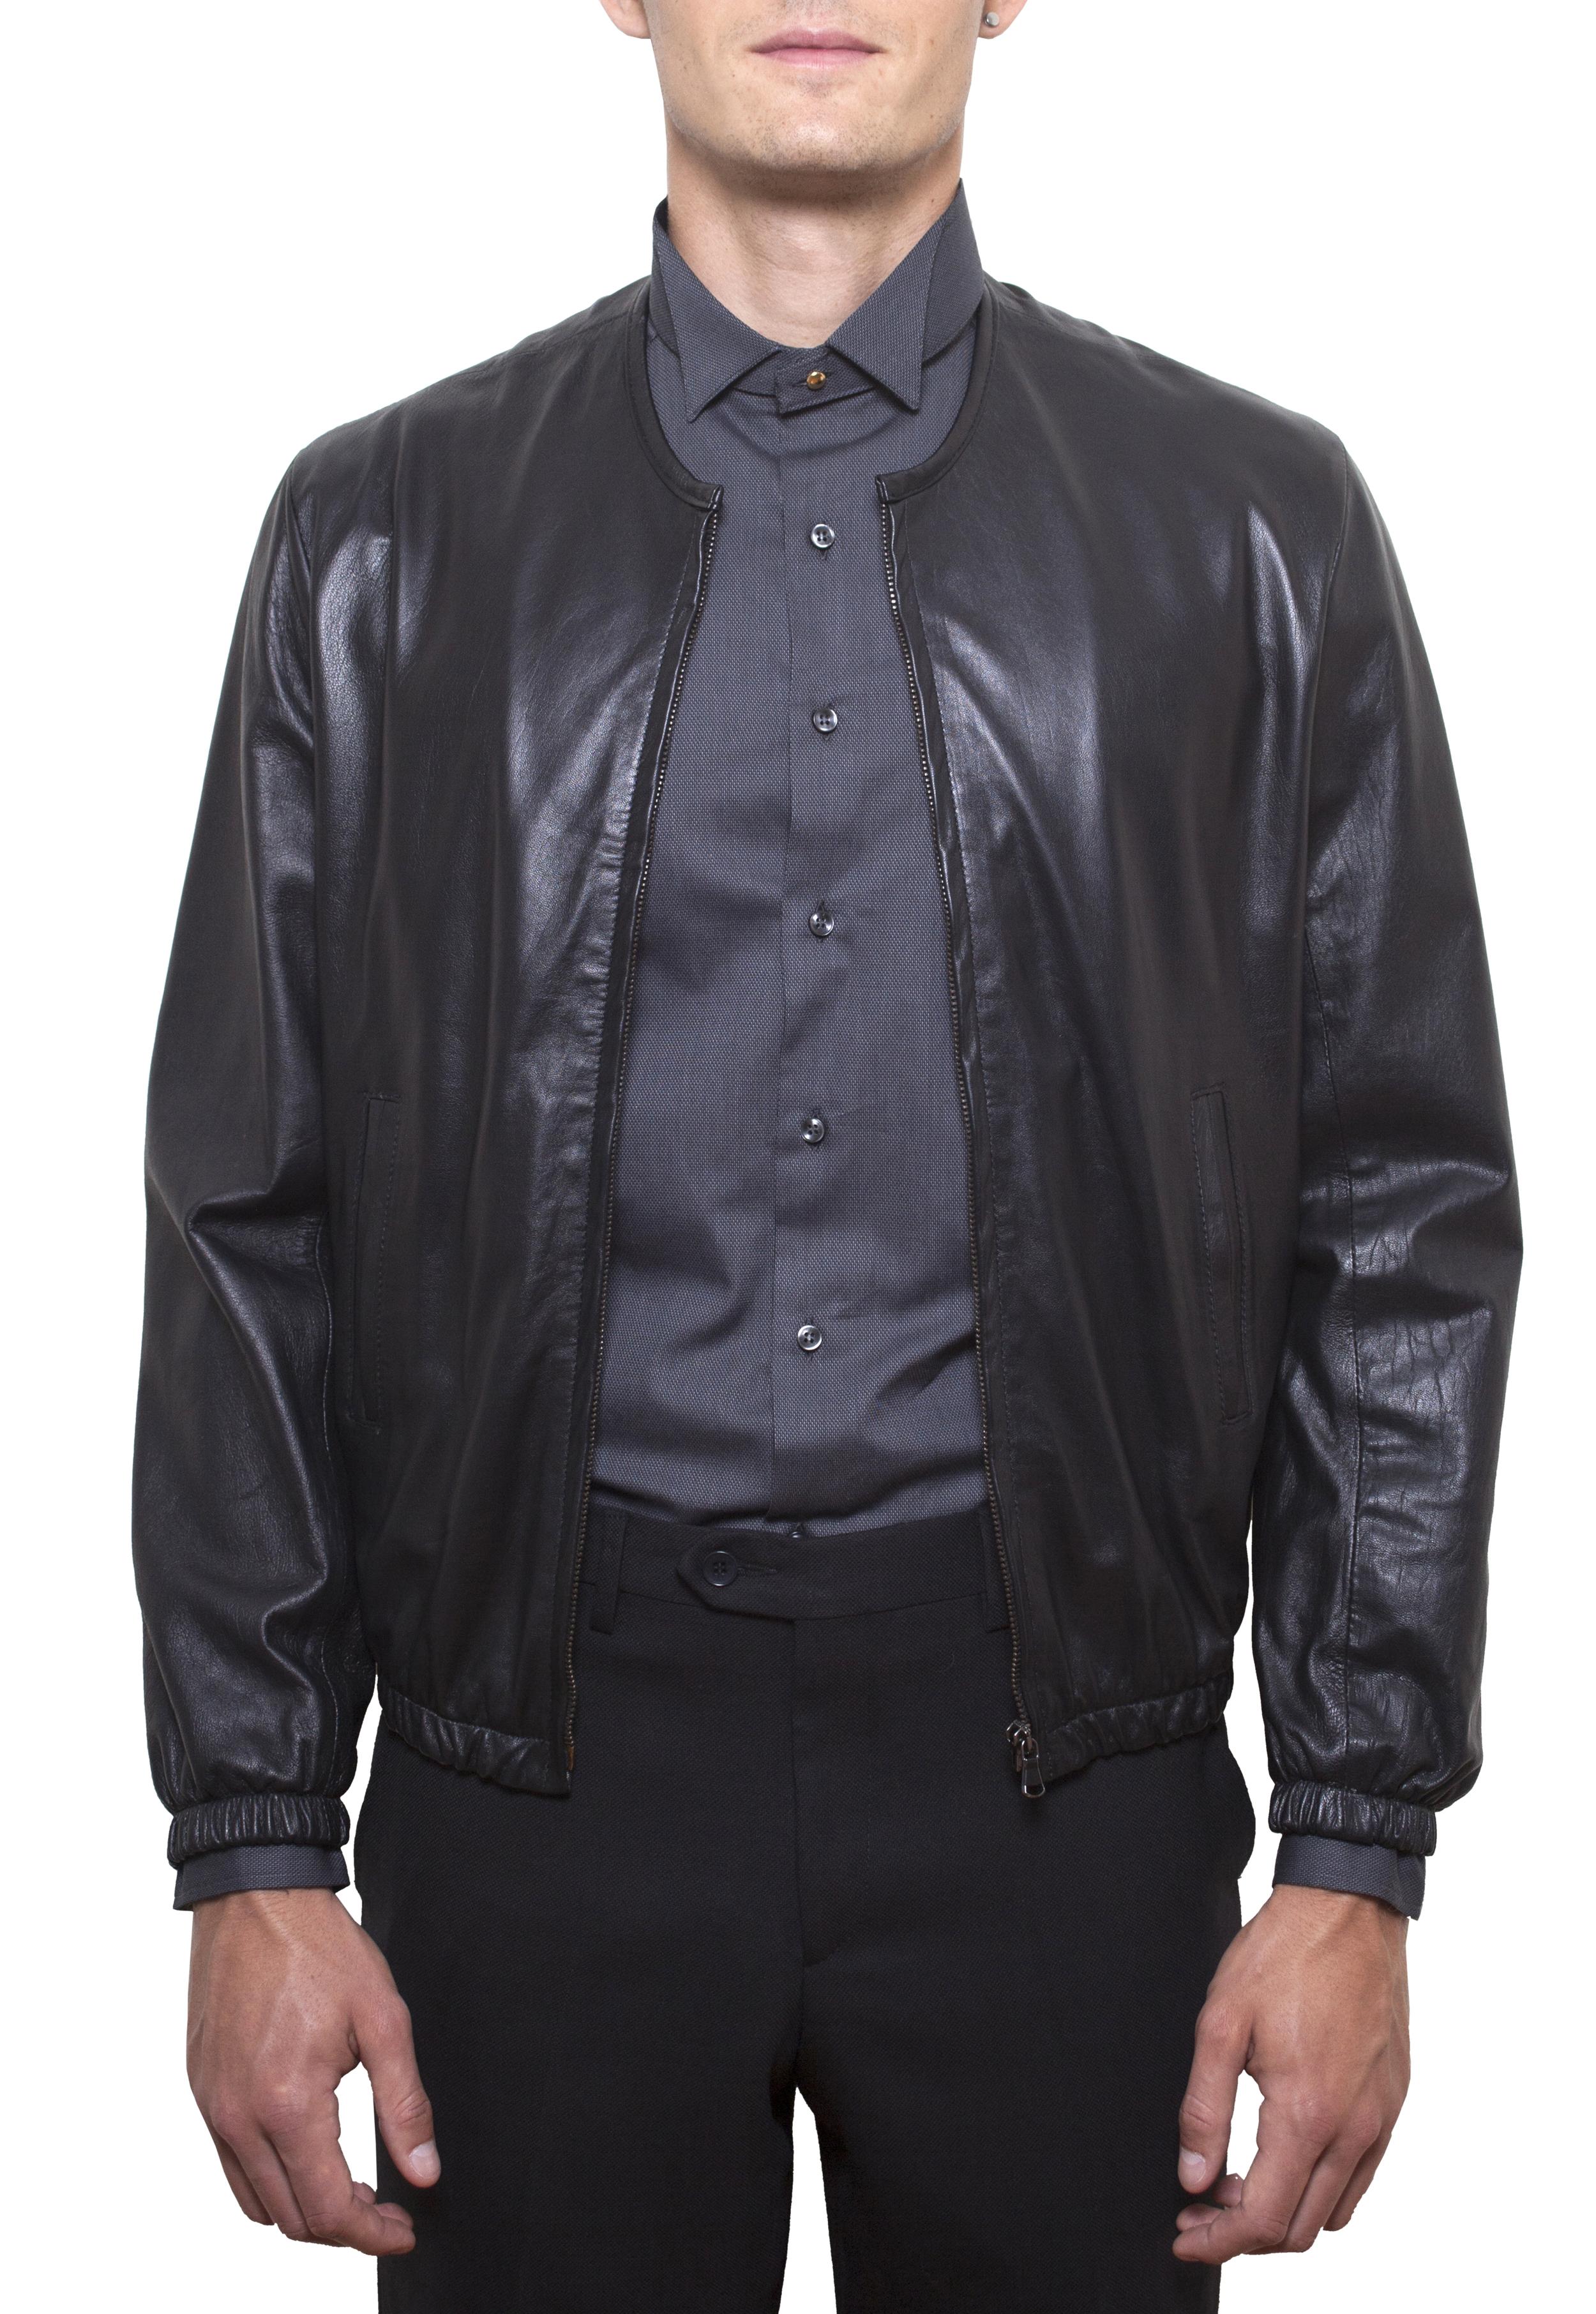 leatherBLACK.jpg